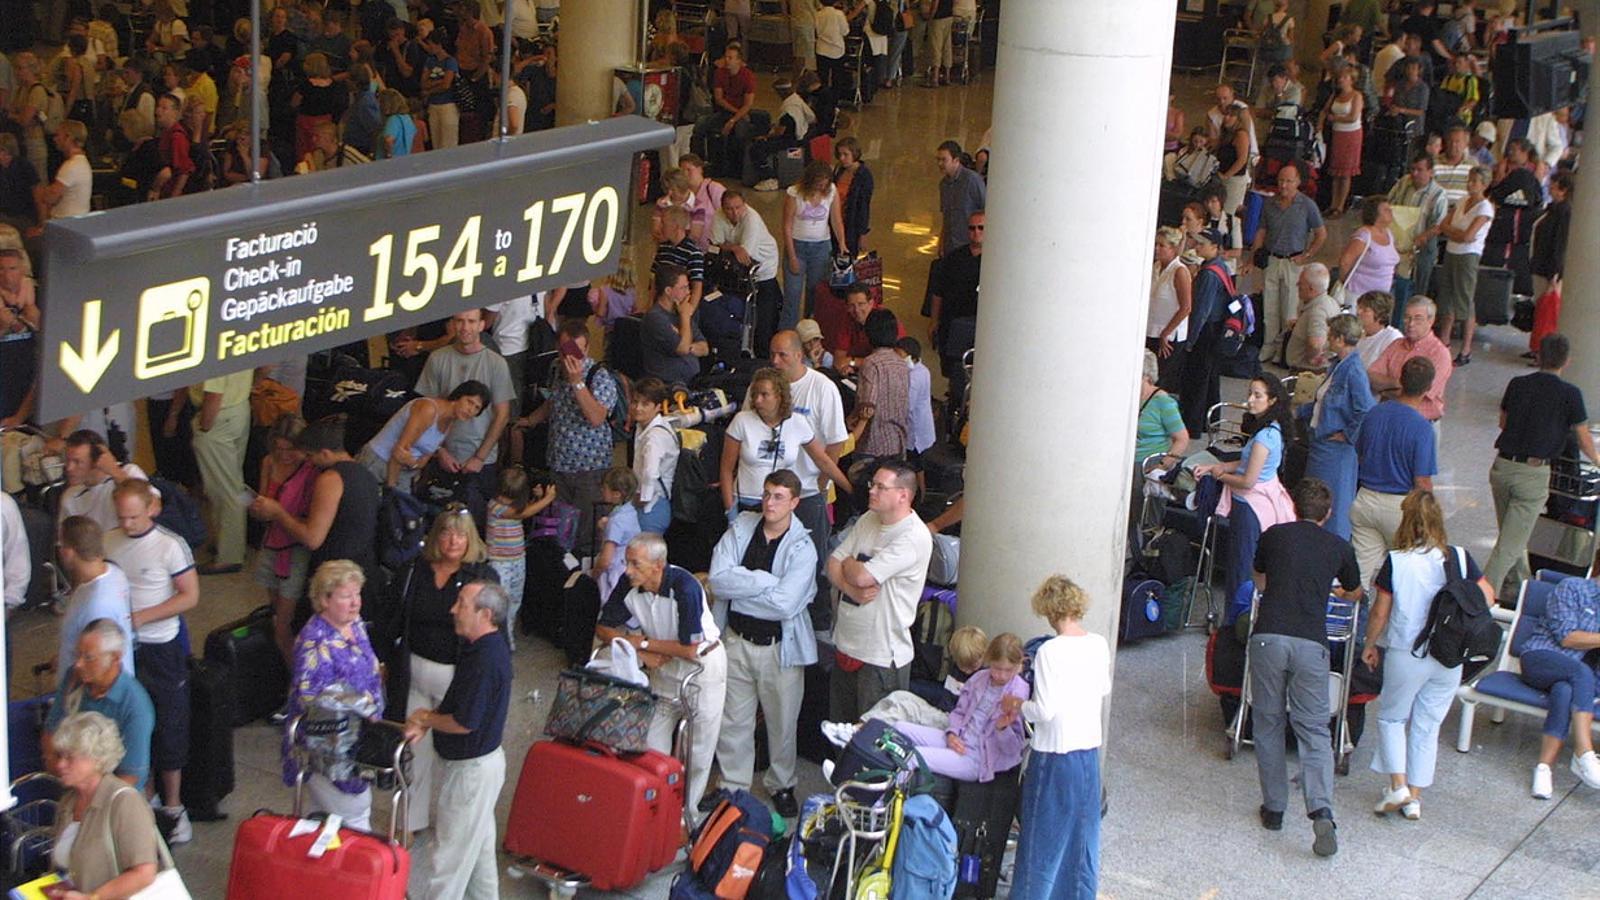 Els aeroports de les Illes recuperaen aquest cap de setmana els nivells més alts d'activitat